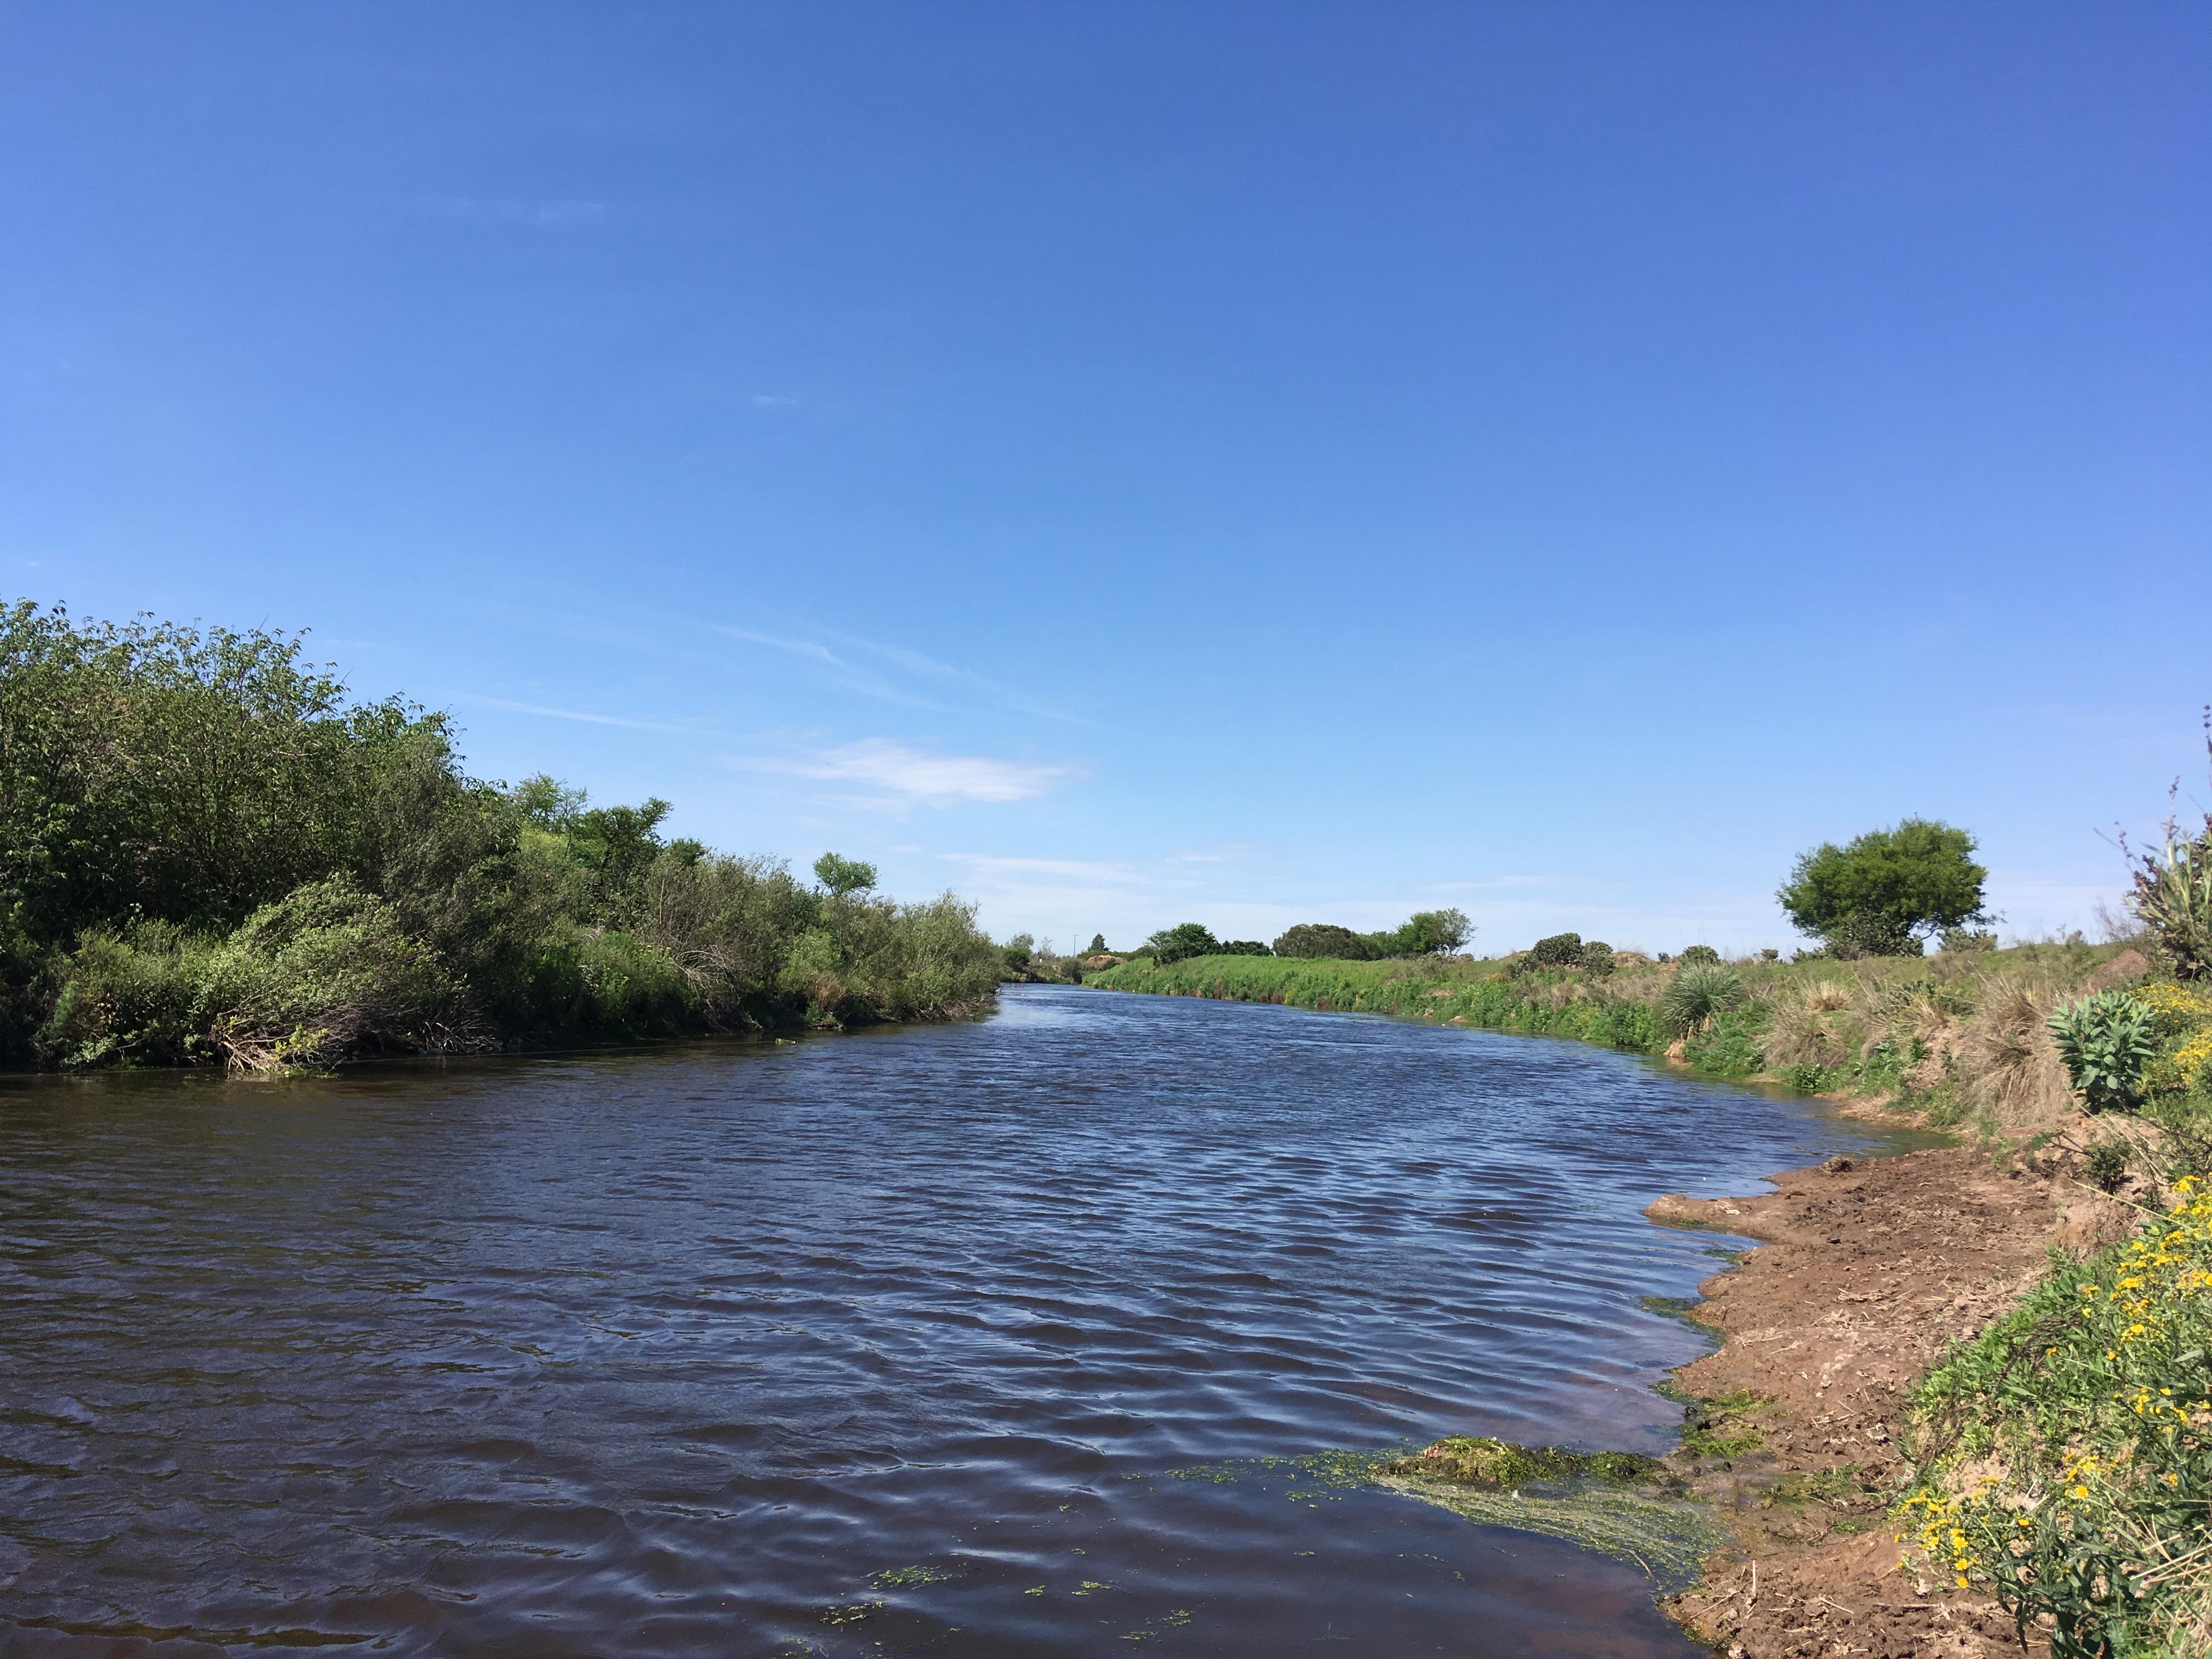 Humedales pampeanos: la cuenca del Arroyo Ludueña. Mirá la charla completa